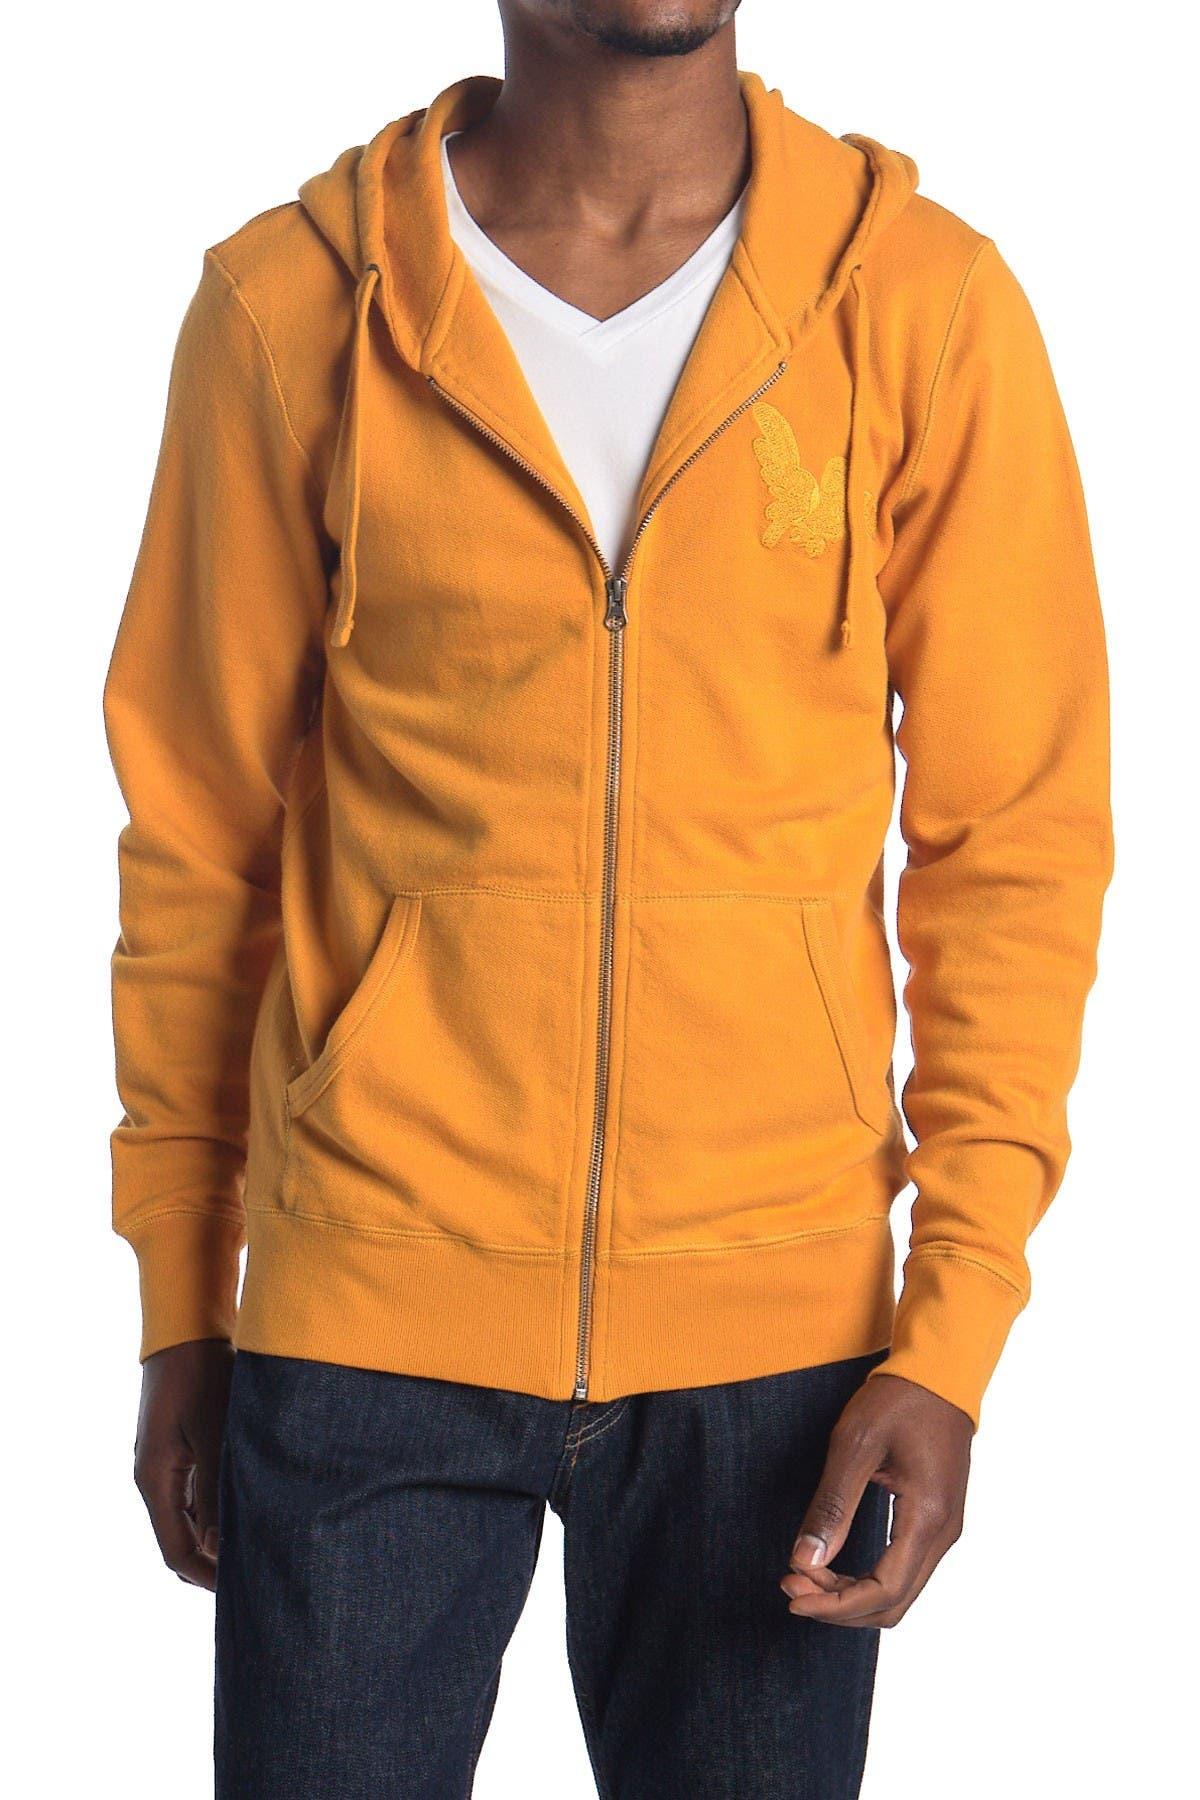 Image of SATURDAYS NYC Embroidered Zip Hoodie